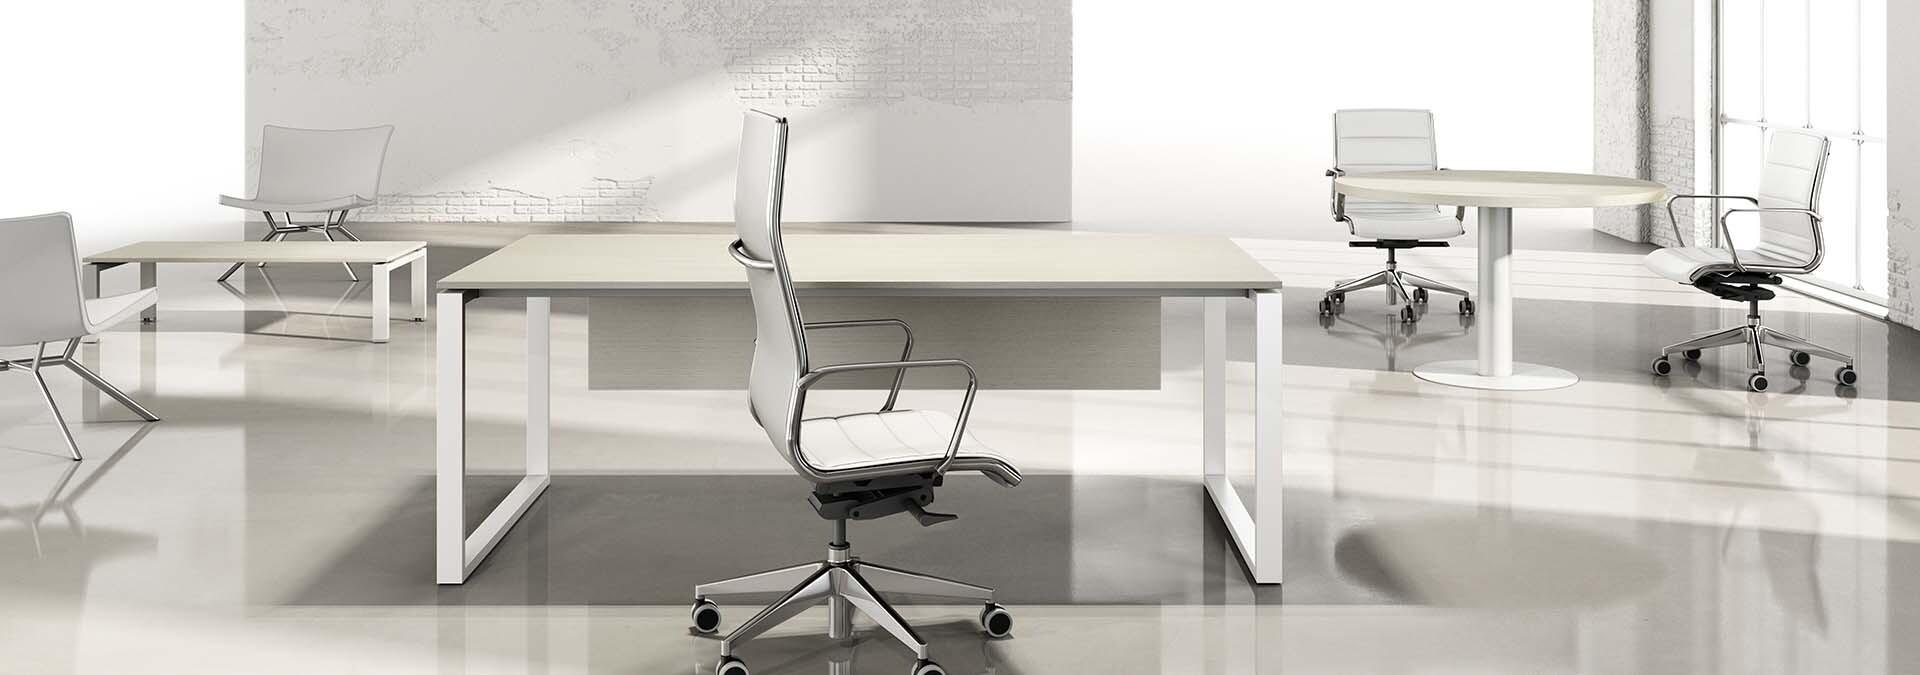 scrivania-tavolo-sedicinoni.jpg